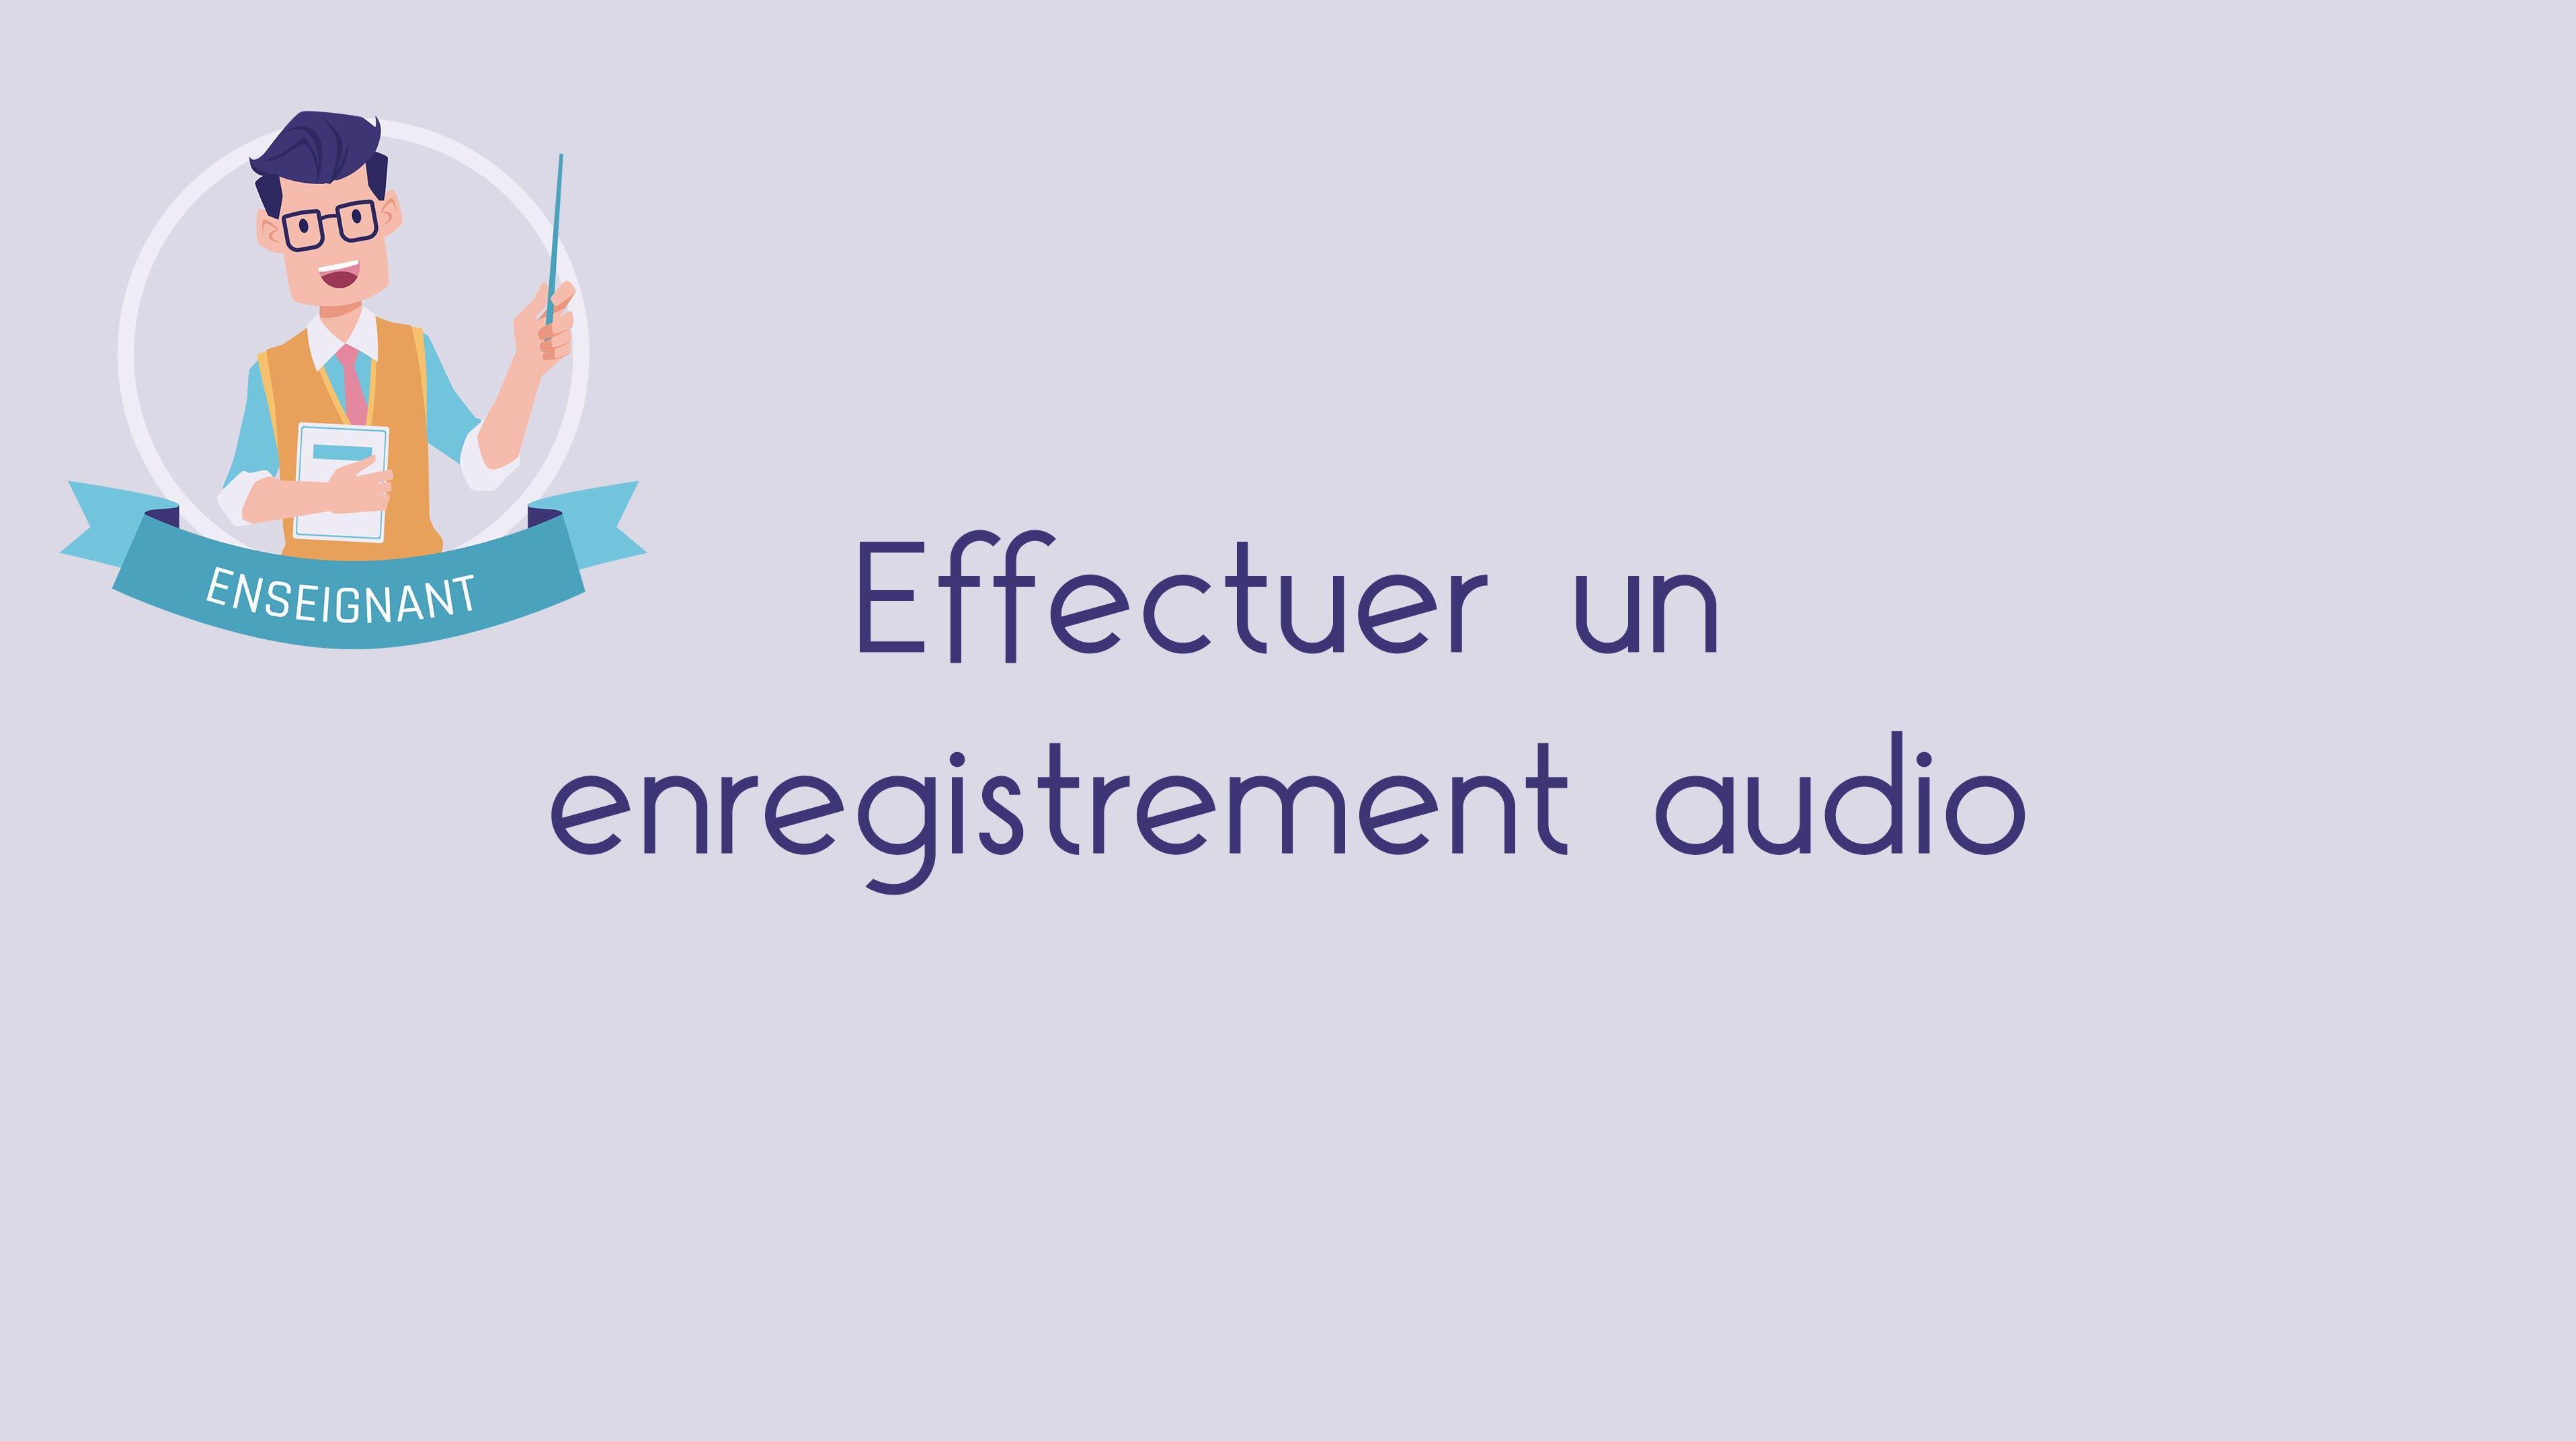 Effectuer un enregistrement audio